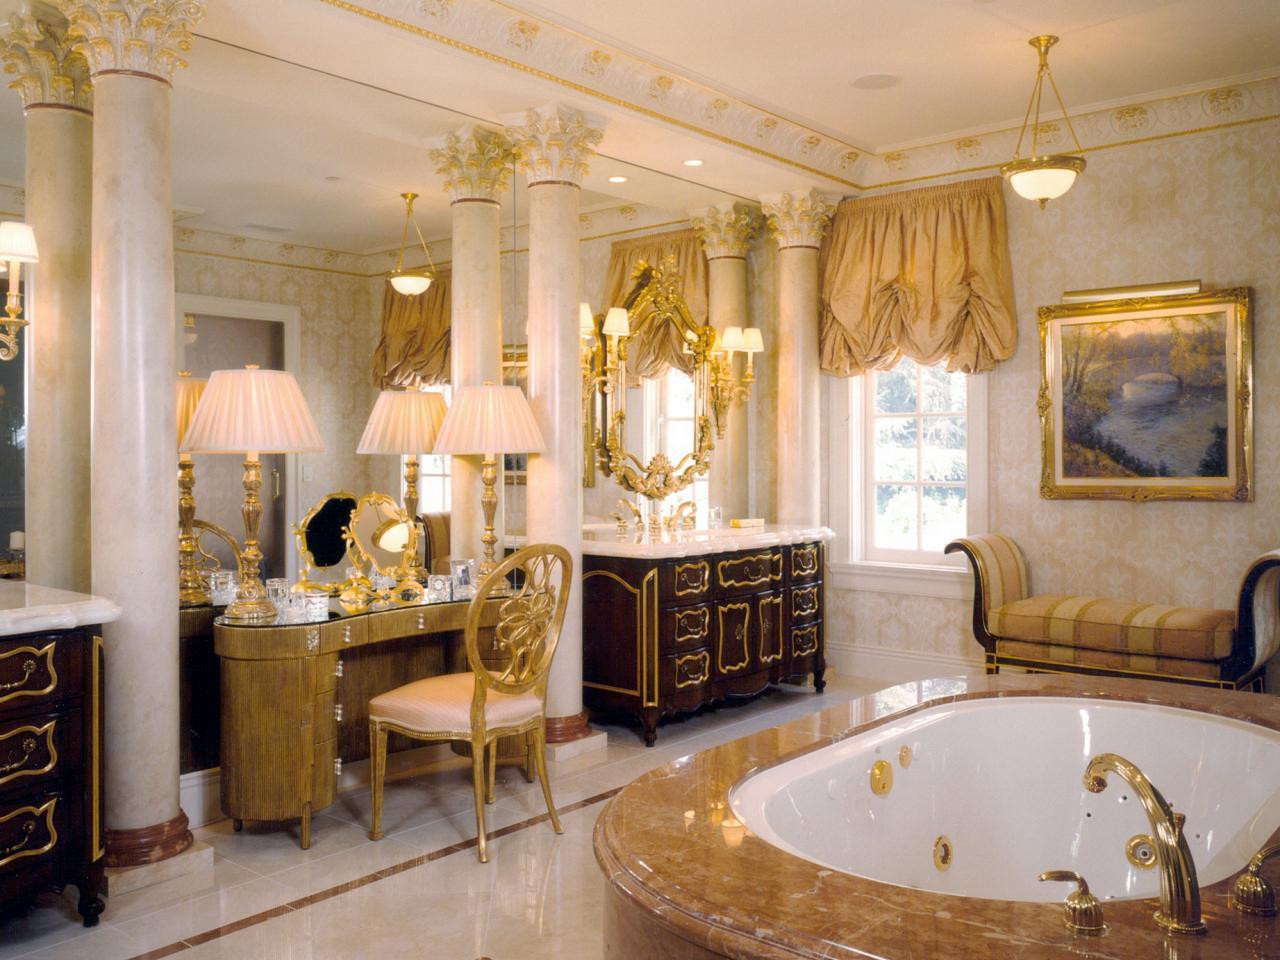 Thiết kế nội thất phòng tắm cổ điển